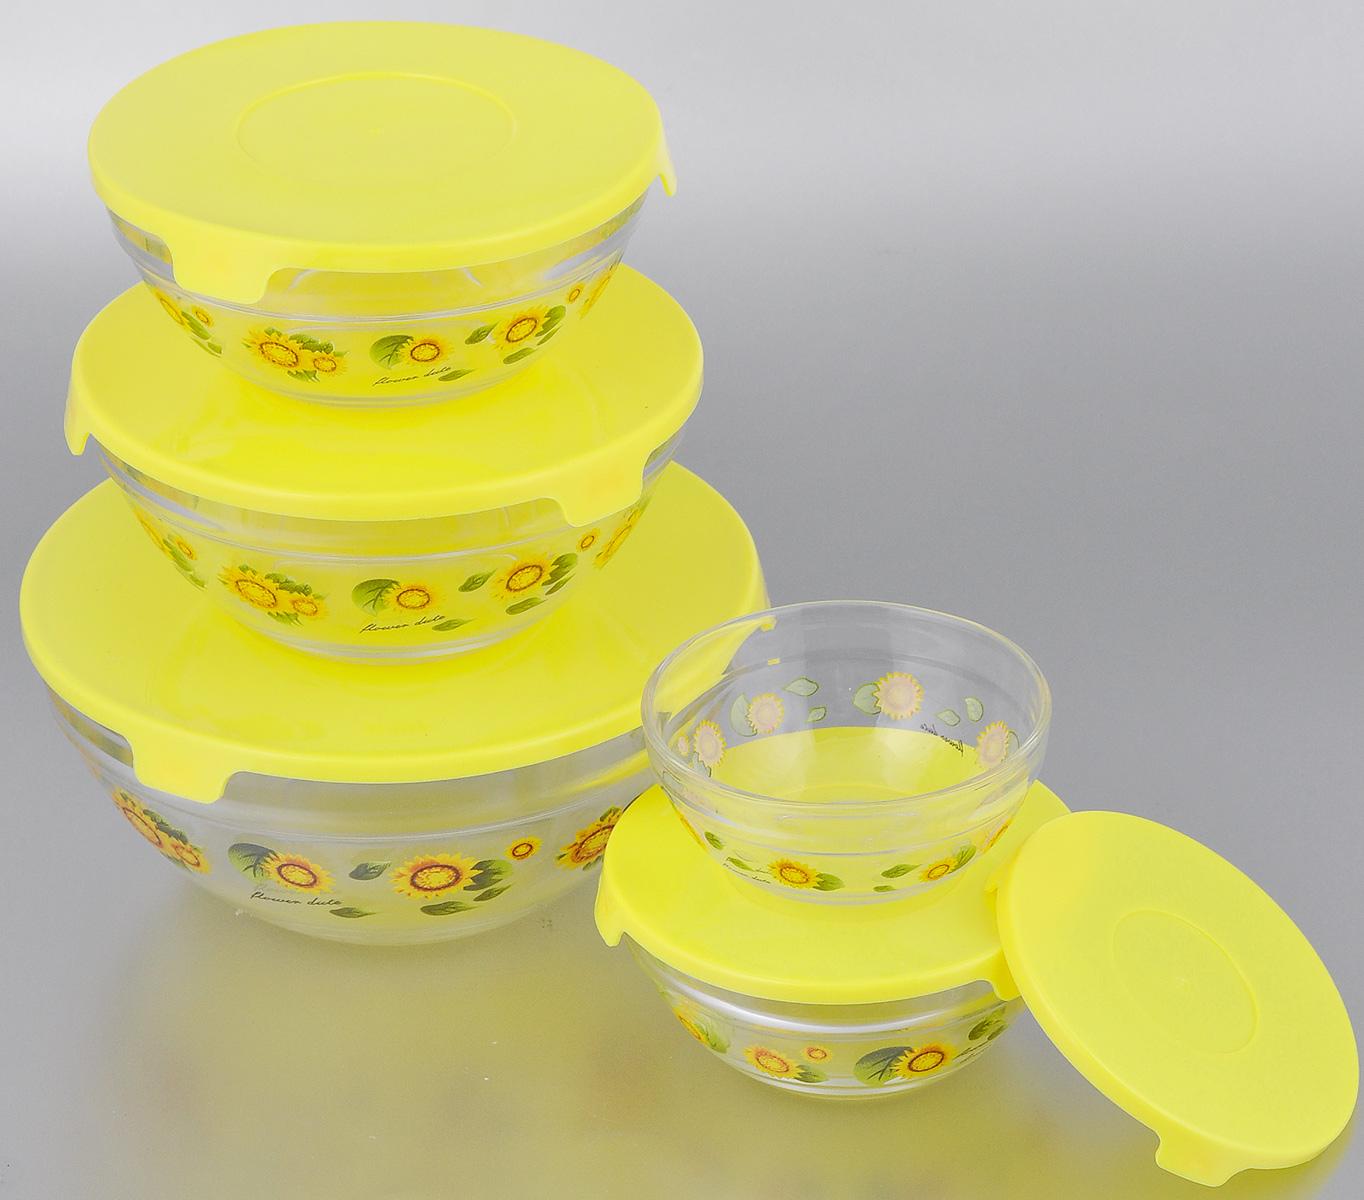 Набор салатниц Loraine с крышками, цвет: прозрачный, желтый, 10 предметов331Набор Loraine, состоящий из пяти салатниц разного объема с крышками, сочетает в себе изысканный дизайн с максимальной функциональностью. Изделия выполнены из высококачественного стекла и оформлены цветочным рисунком. Салатницы снабжены плотно закрывающимися крышками, оснащенные тремя специальными язычками для удобного открывания. Такой набор прекрасно подходит для хранения продуктов и соусов без проливания. Можно мыть в посудомоечной машине. Объем салатниц: 150 мл, 250 мл, 420 мл, 600 мл, 1,1 л. Диаметр салатниц по верхнему краю: 9 см, 10,2 см, 12,5 см, 13,6 см, 17 см. Высота стенок салатниц: 4 см, 5 см, 5,5 см, 6,5 см, 8 см. Толщина стенок салатниц: 2 мм.